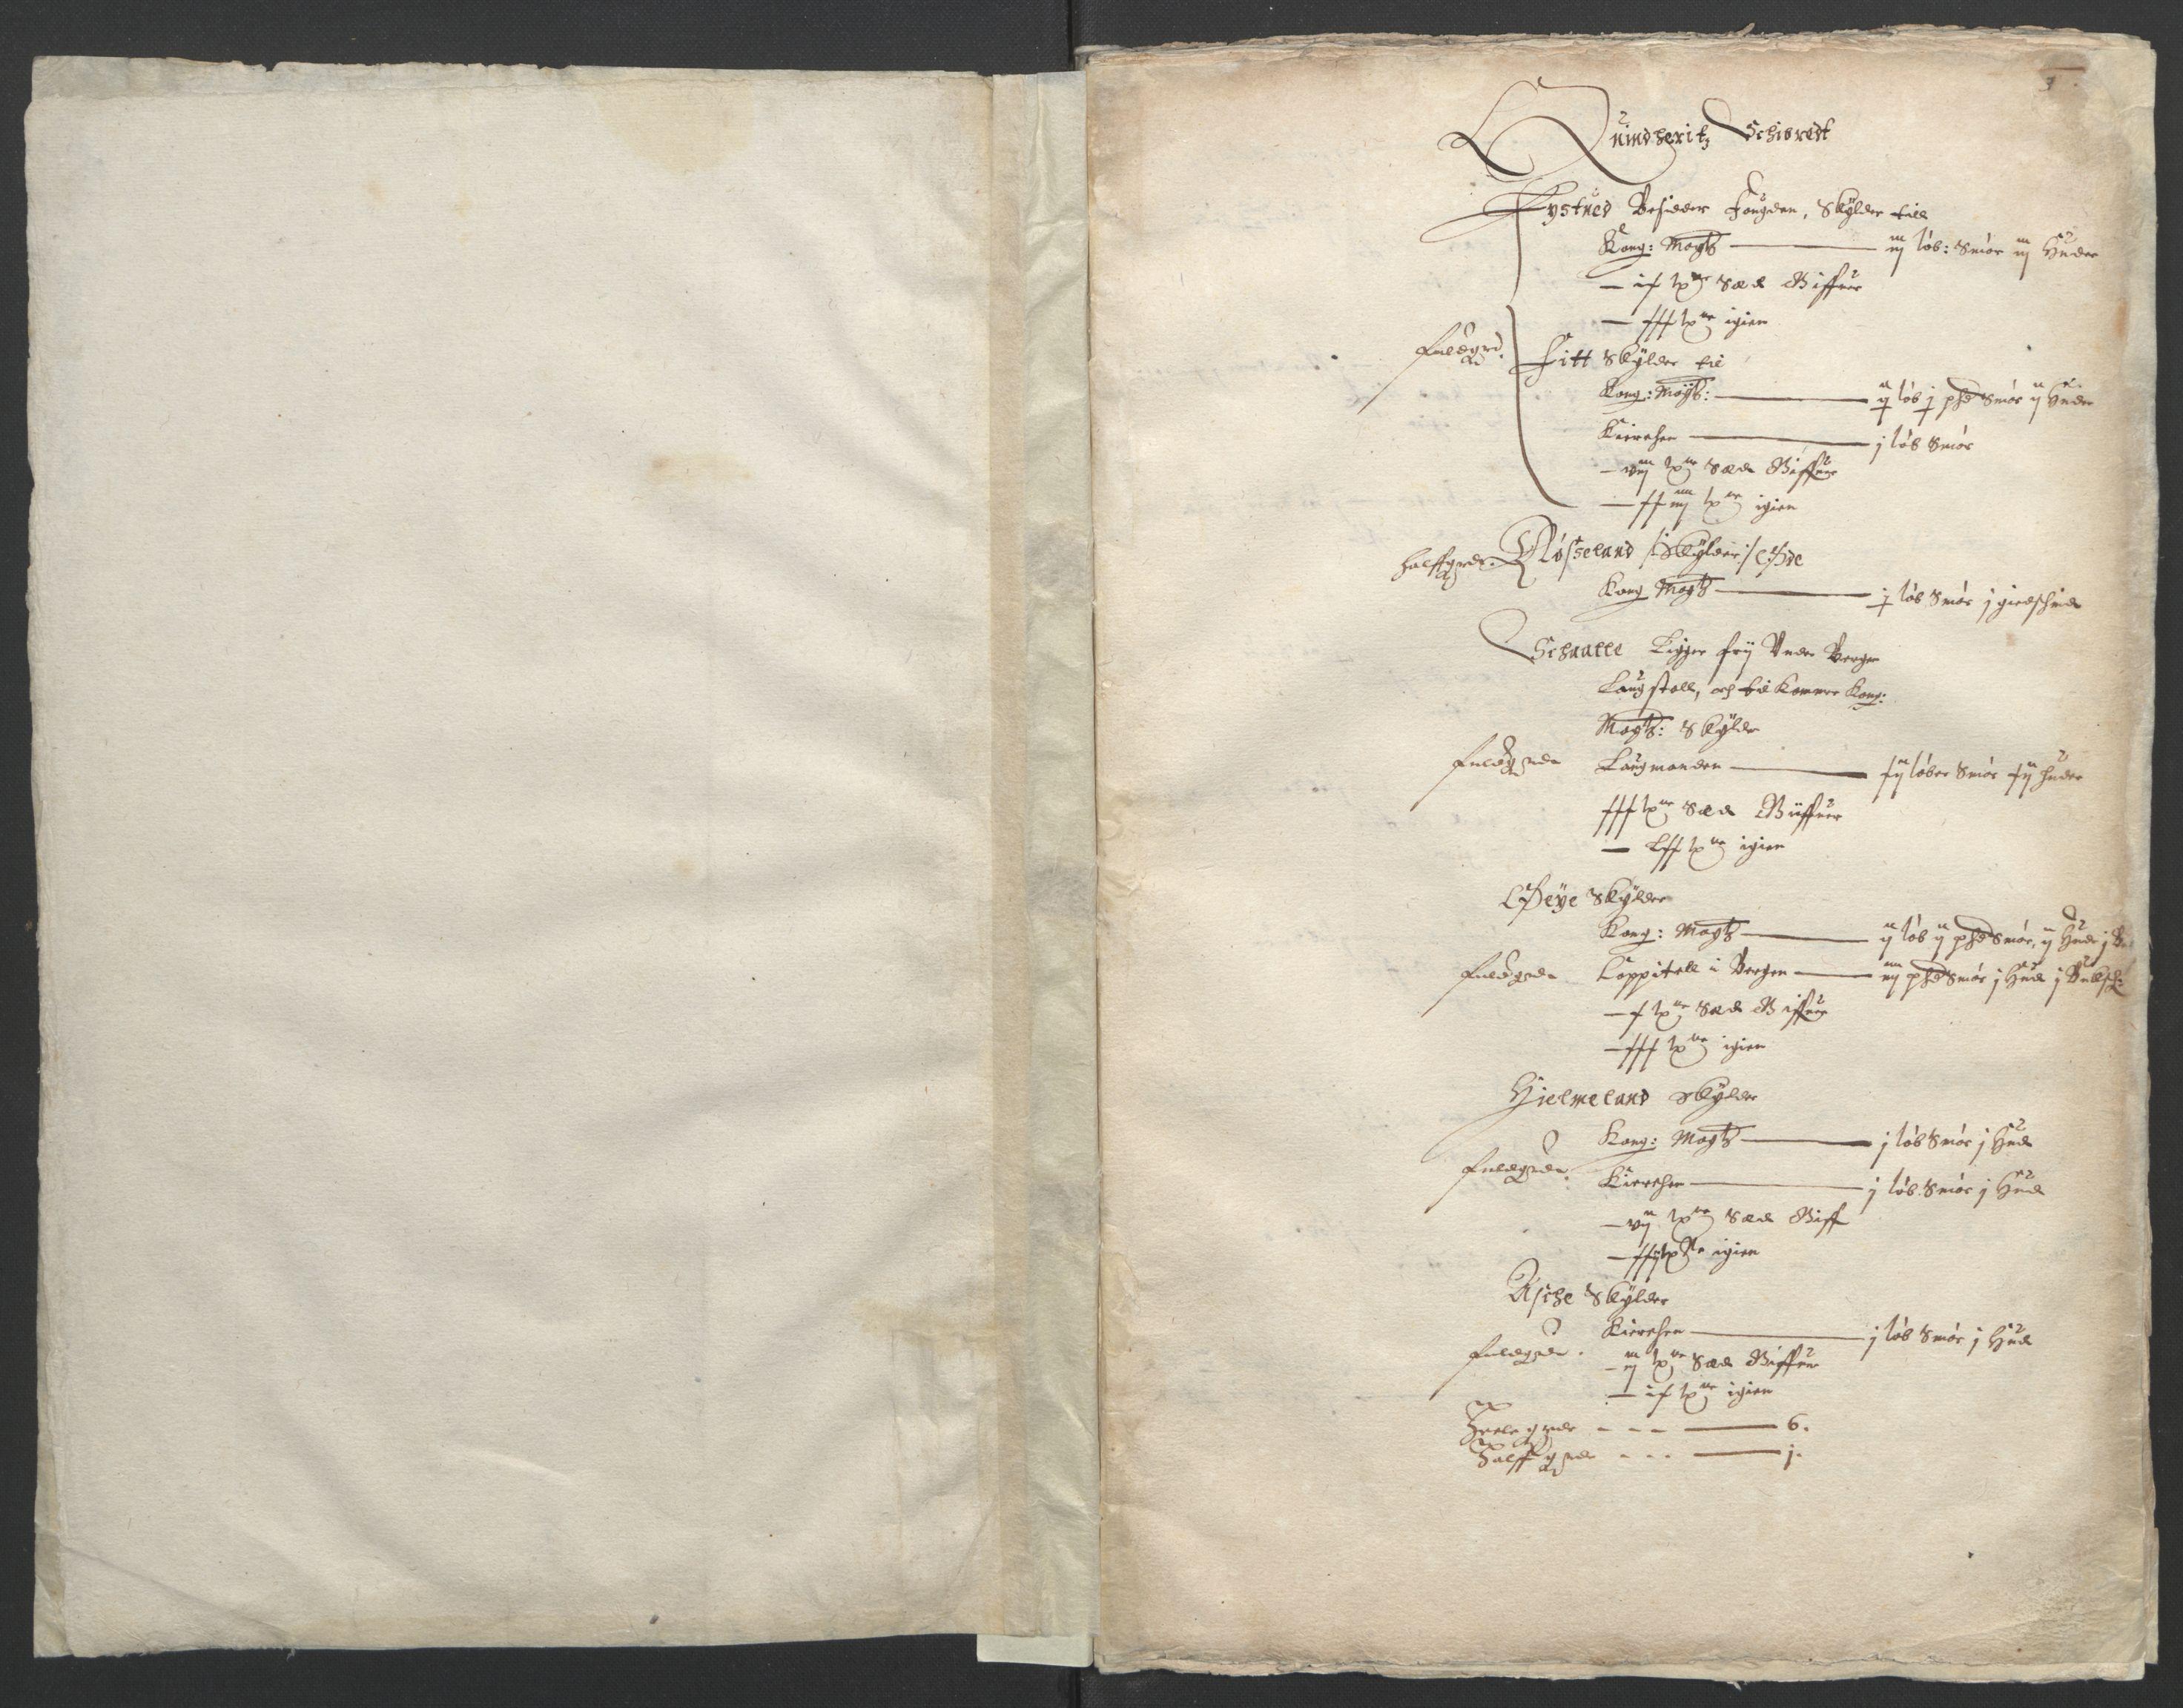 RA, Stattholderembetet 1572-1771, Ek/L0004: Jordebøker til utlikning av garnisonsskatt 1624-1626:, 1626, s. 5